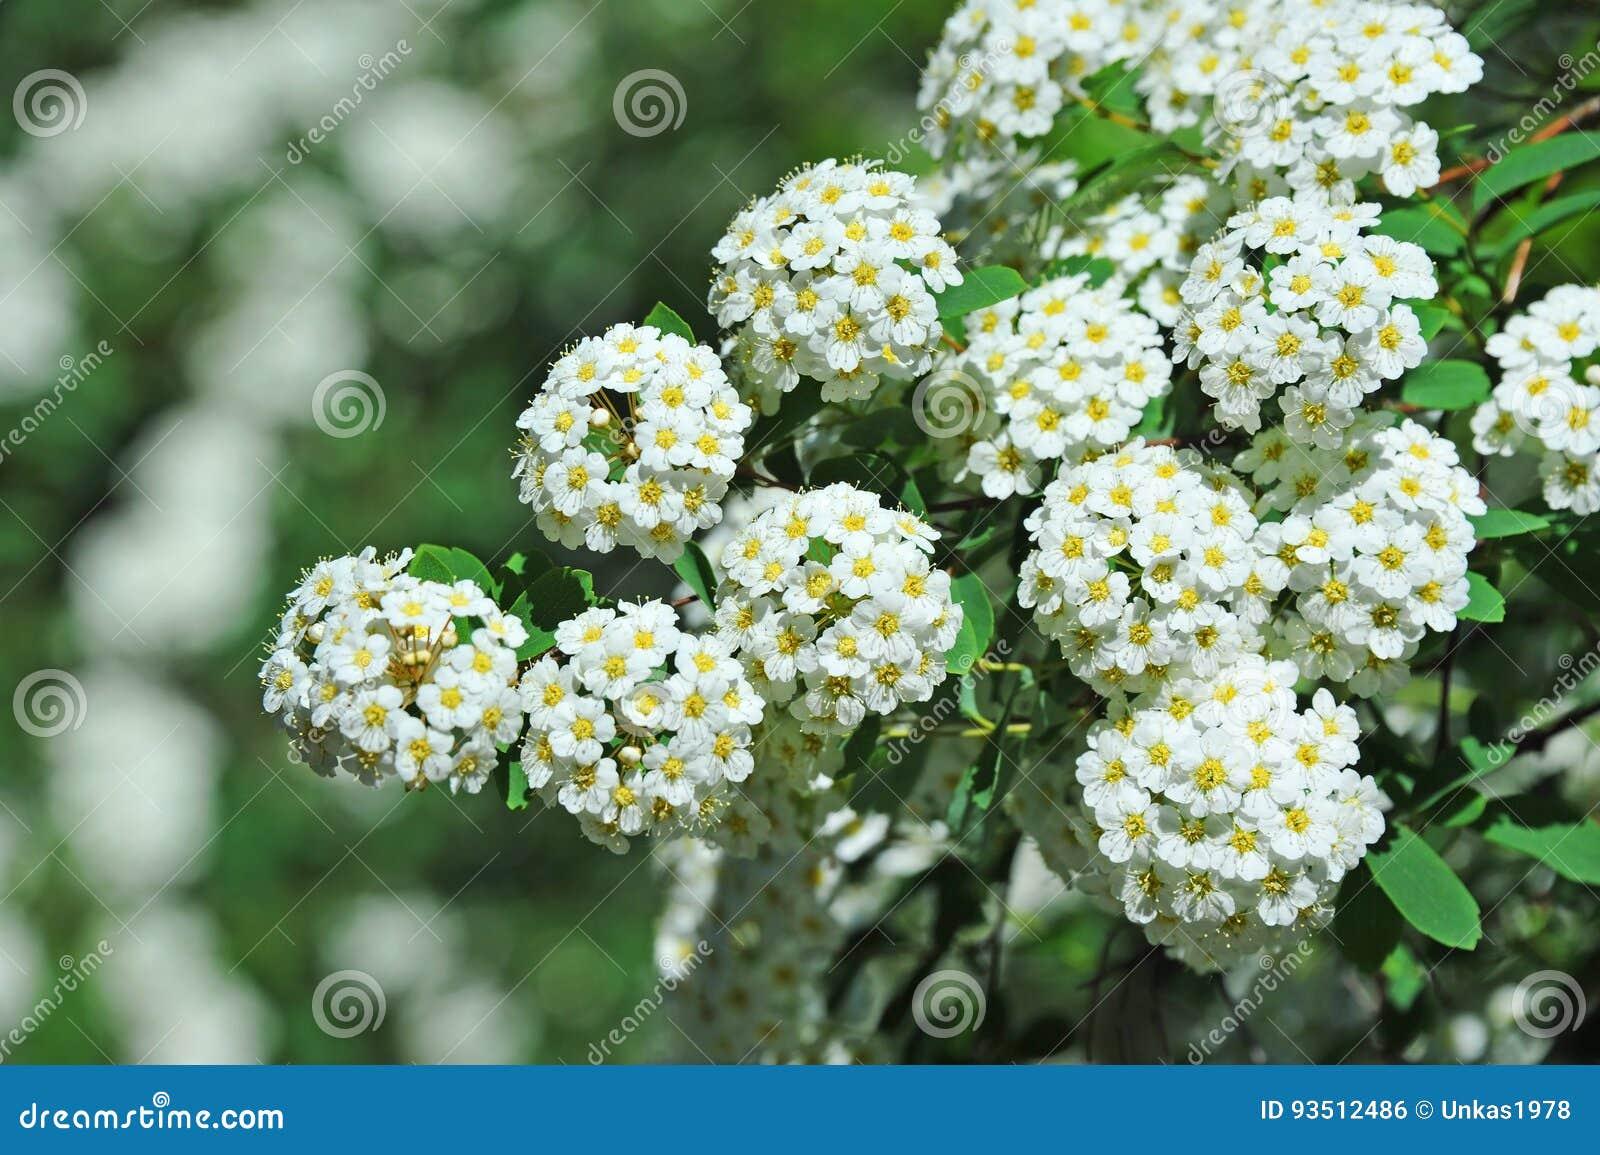 White Spiraea Flower Stock Photo Image Of Garden Blossom 93512486